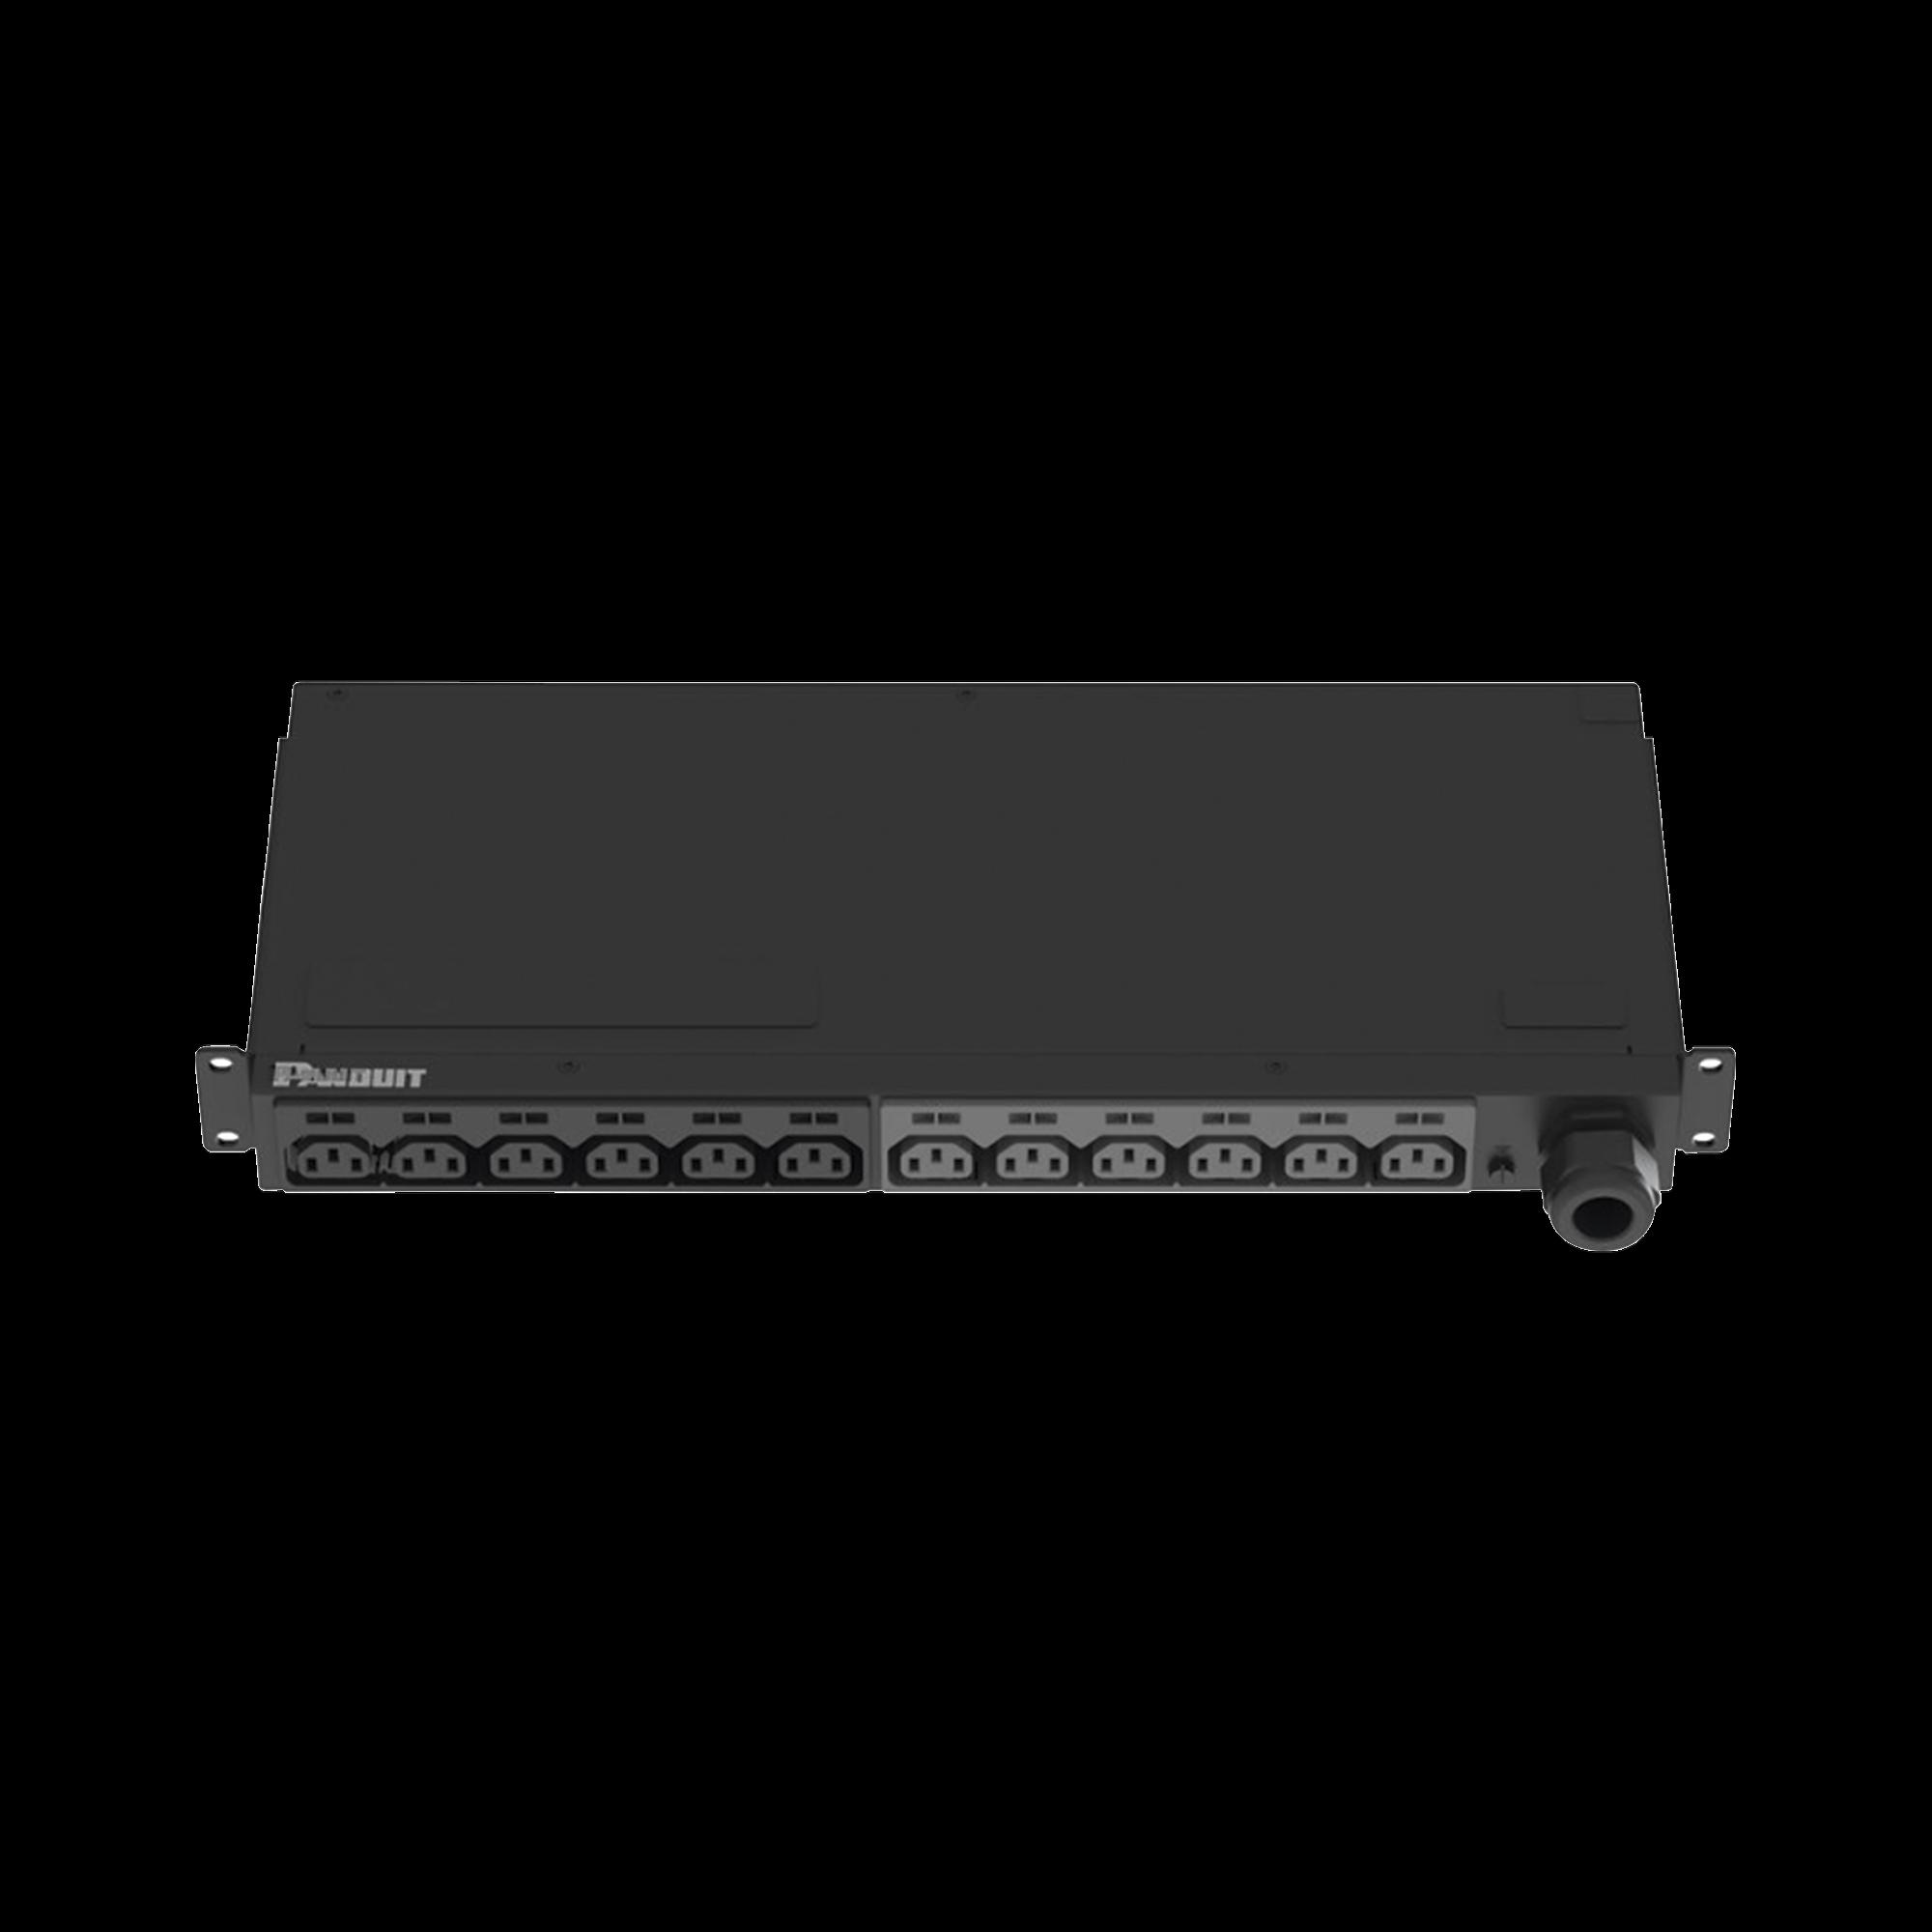 PDU Básico para Distribución de Energía, Enchufe de Entrada NEMA L6-30P, Con 13 Contactos C13, Instalación Horizontal de 19in, 1UR, 20 Amp, 208 Vca